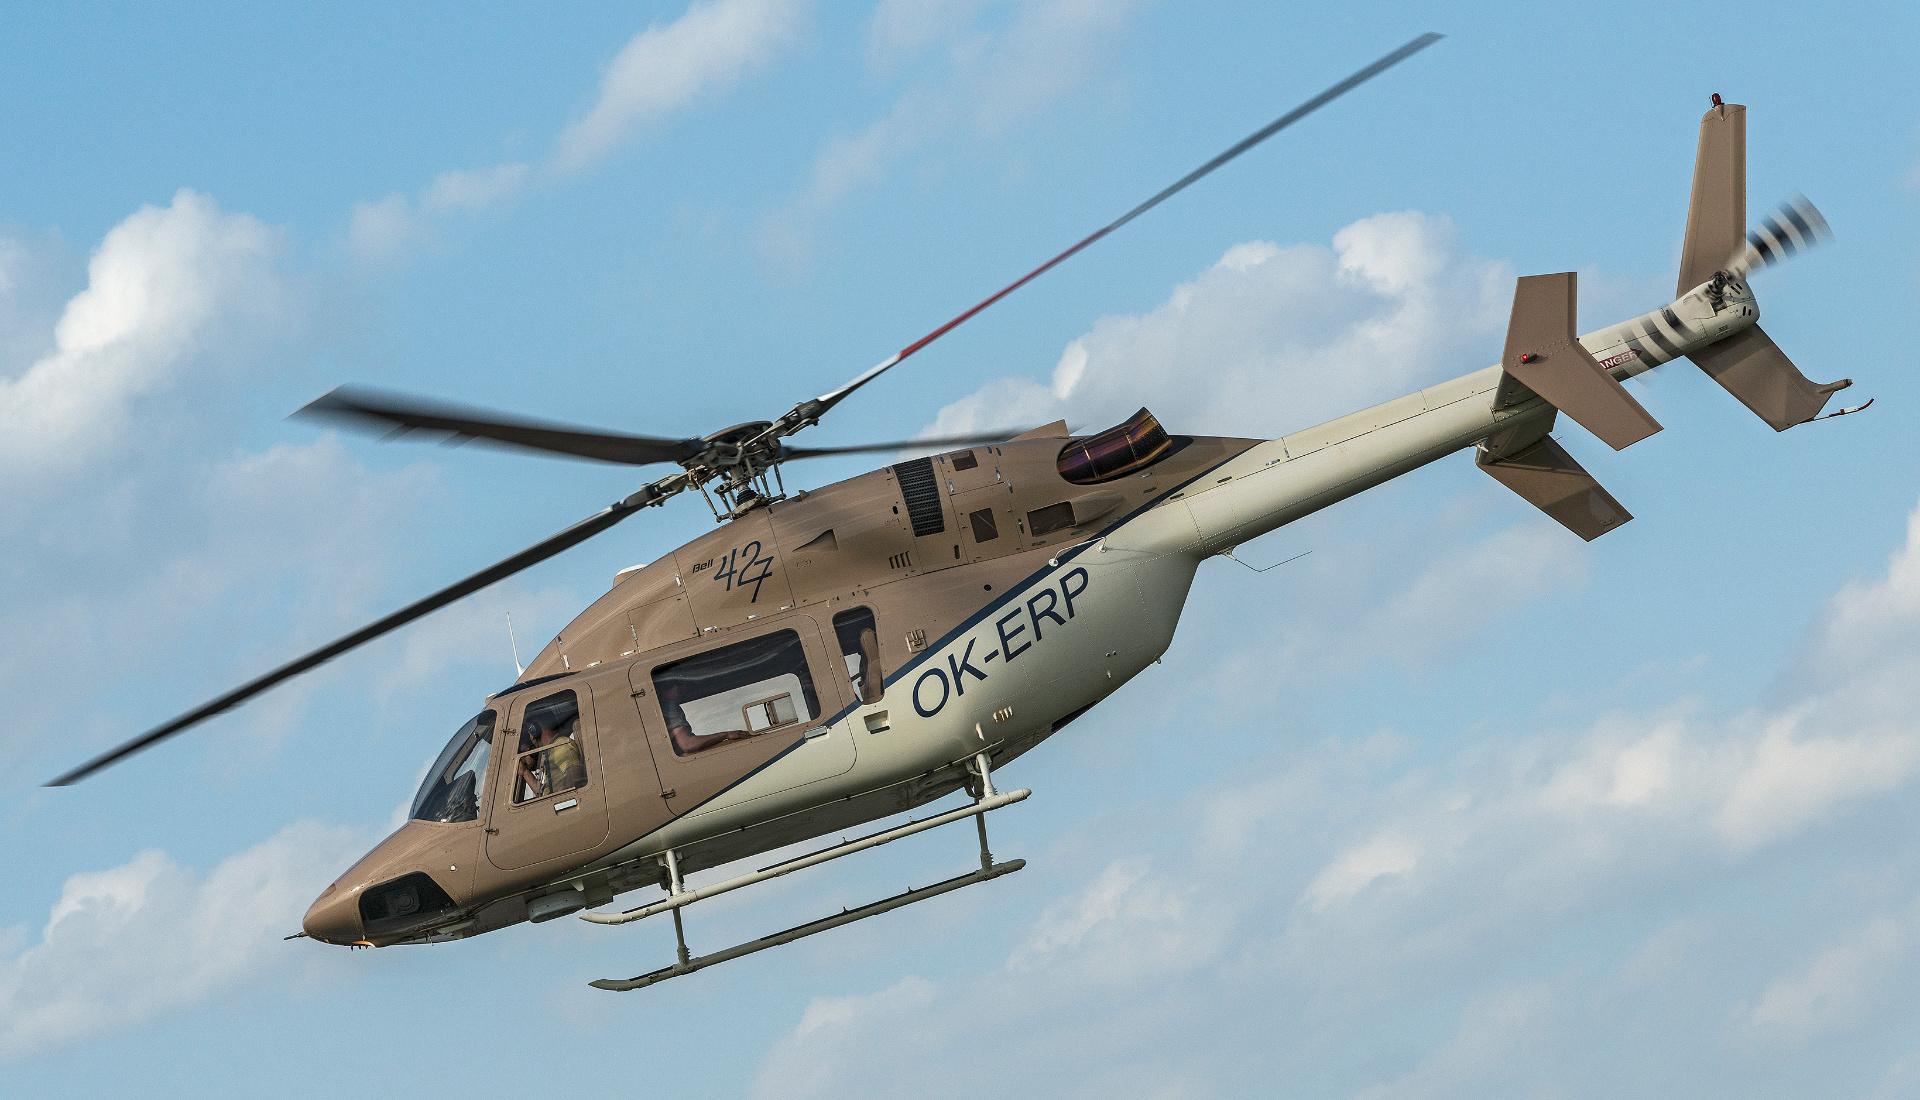 1-Bell-427-1-Letova-fotografie-Miroslav-Kamrla-1920x1110_1.jpg